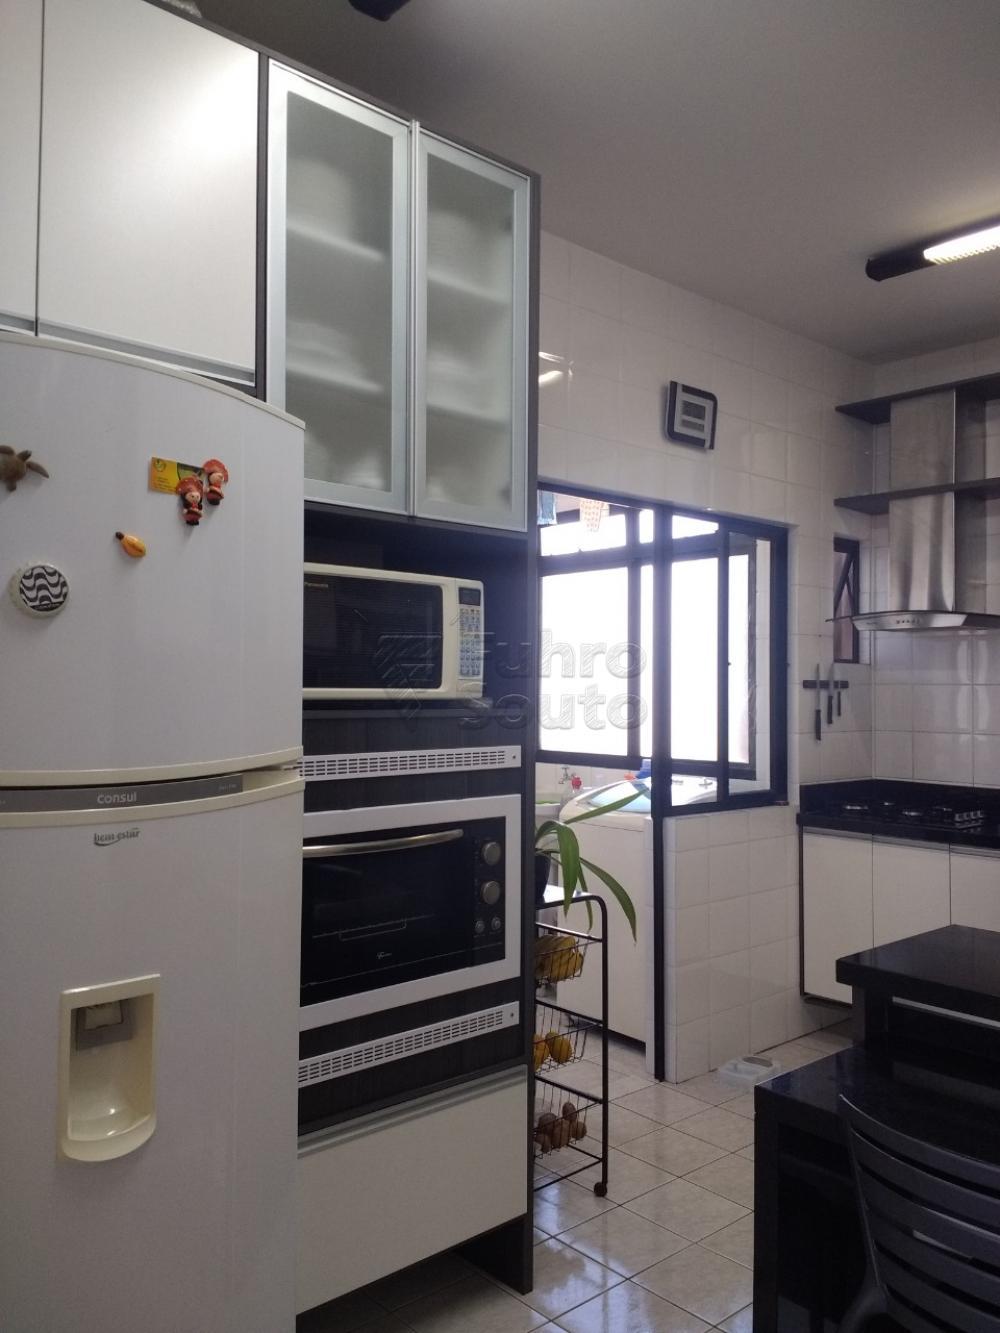 Comprar Apartamento / Cobertura em Pelotas R$ 750.000,00 - Foto 4